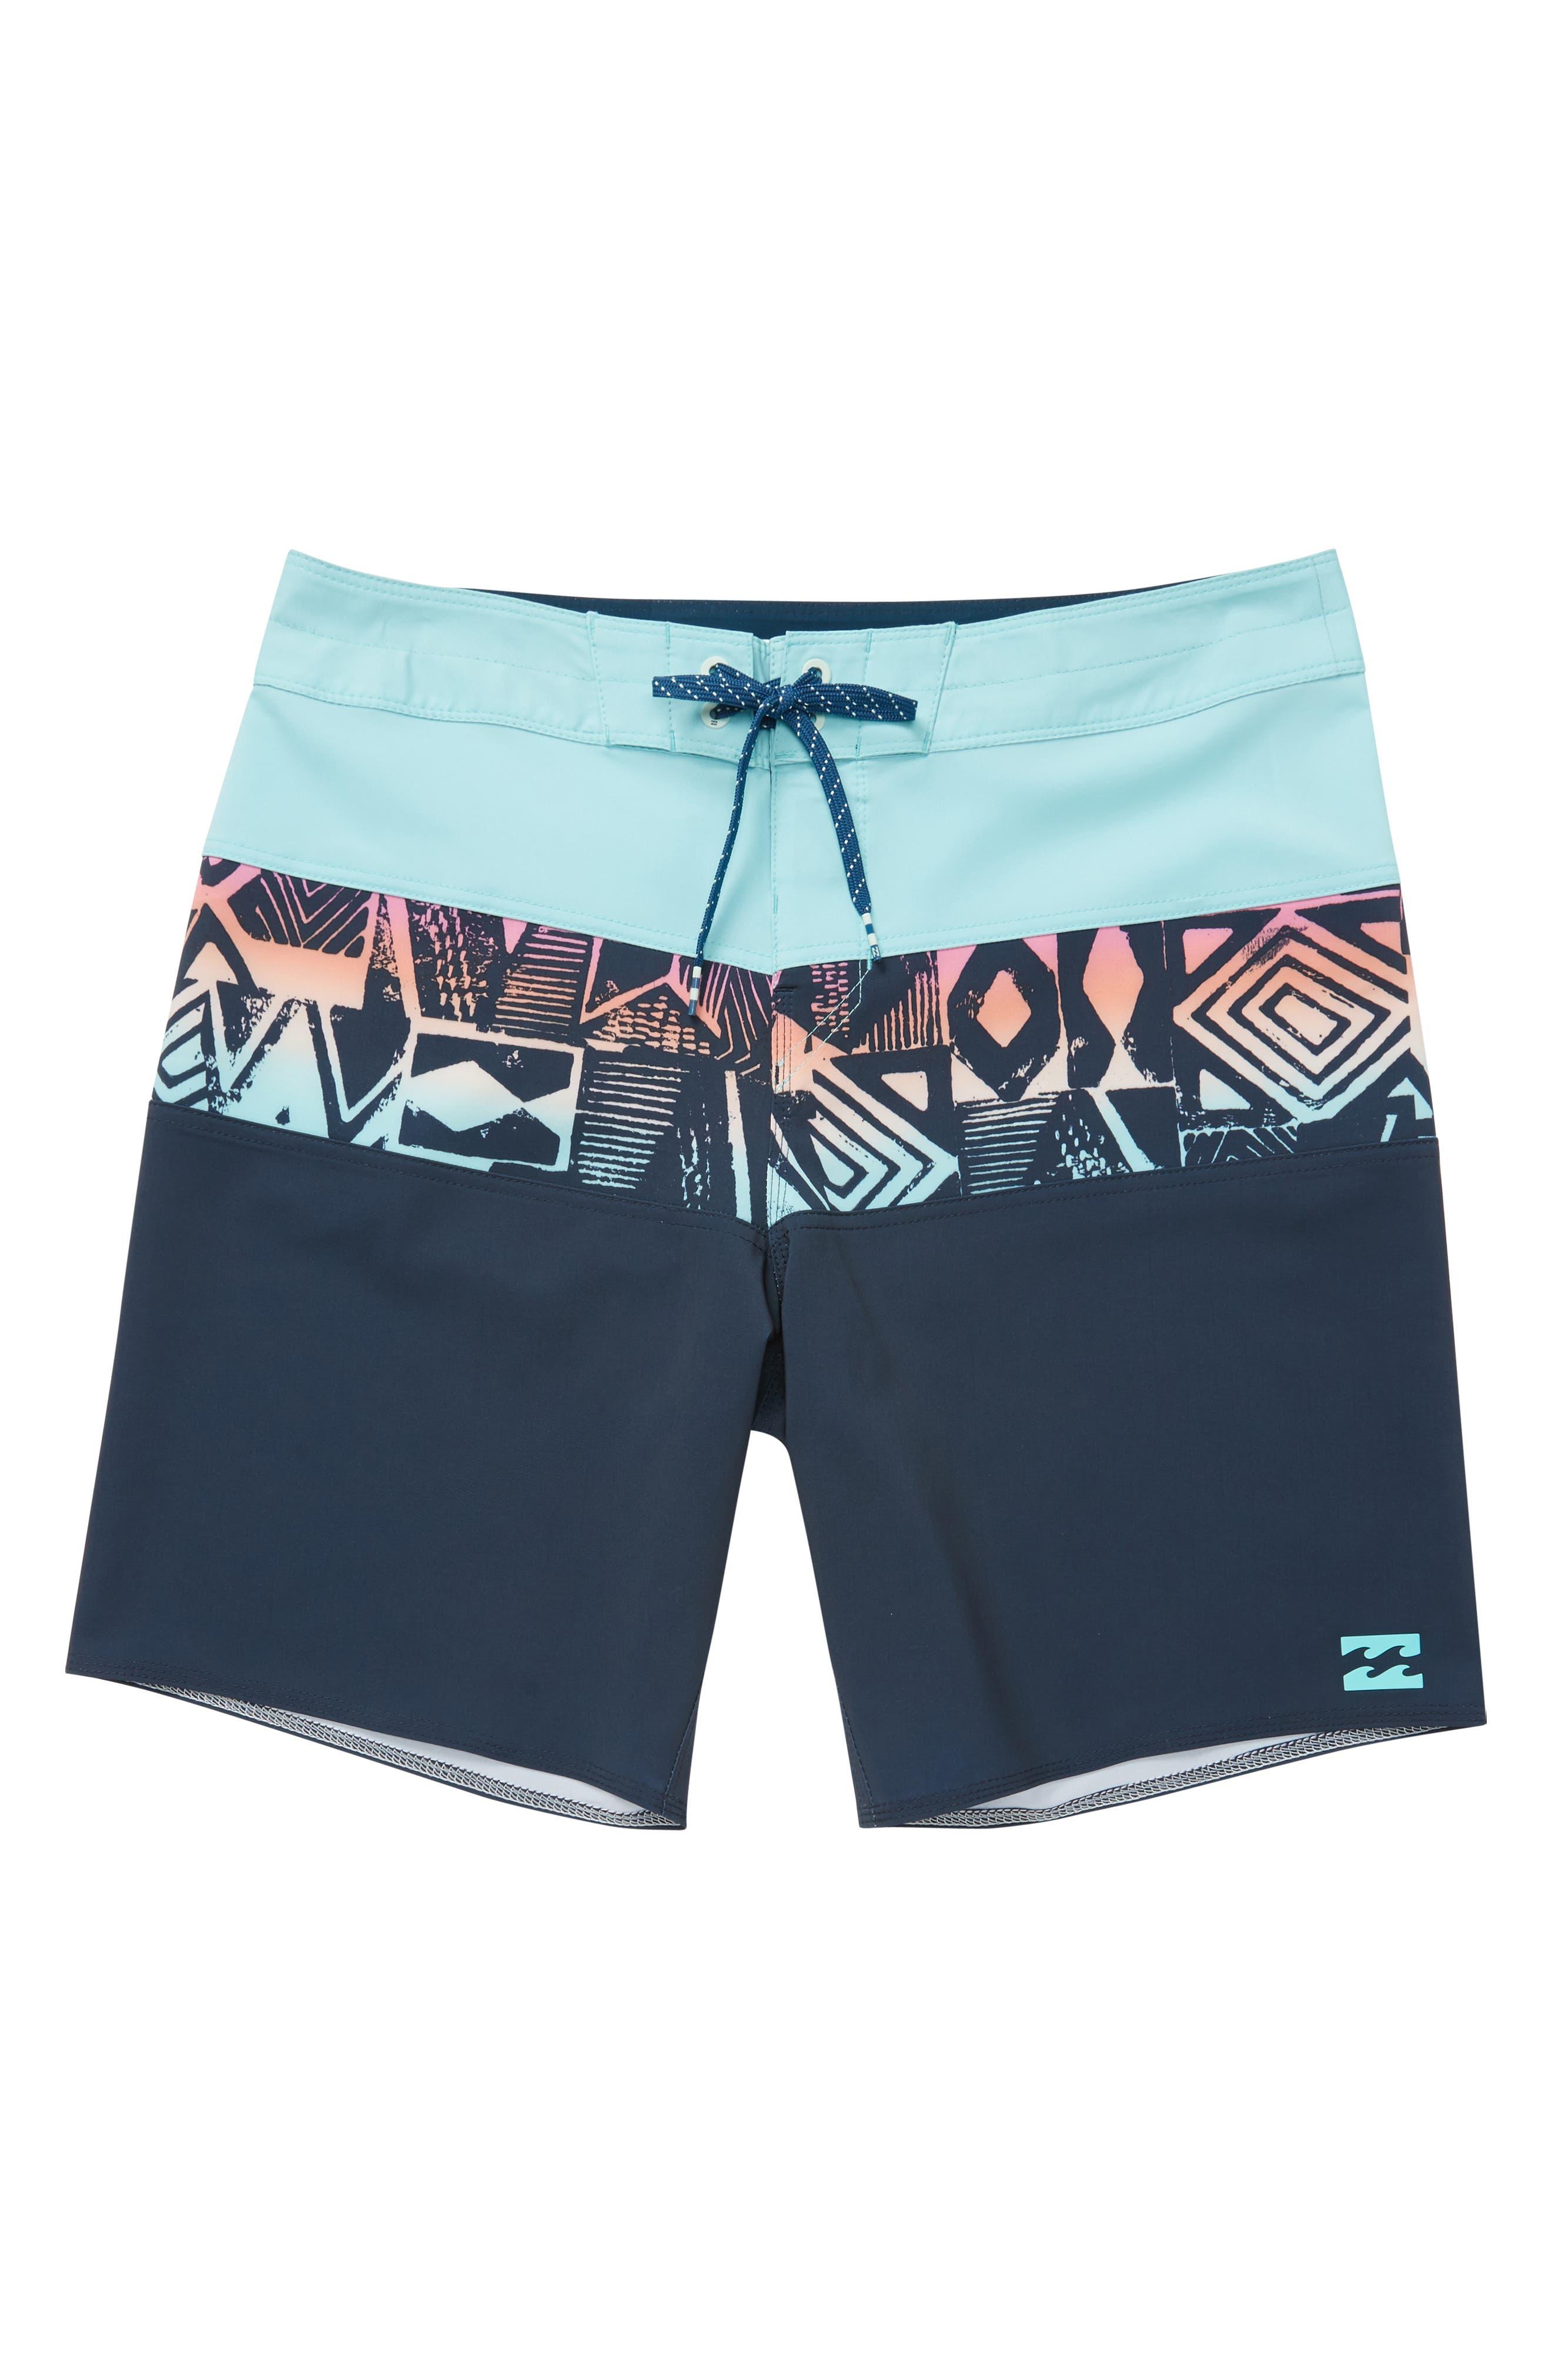 Tribong X Board Shorts,                         Main,                         color, Indigo